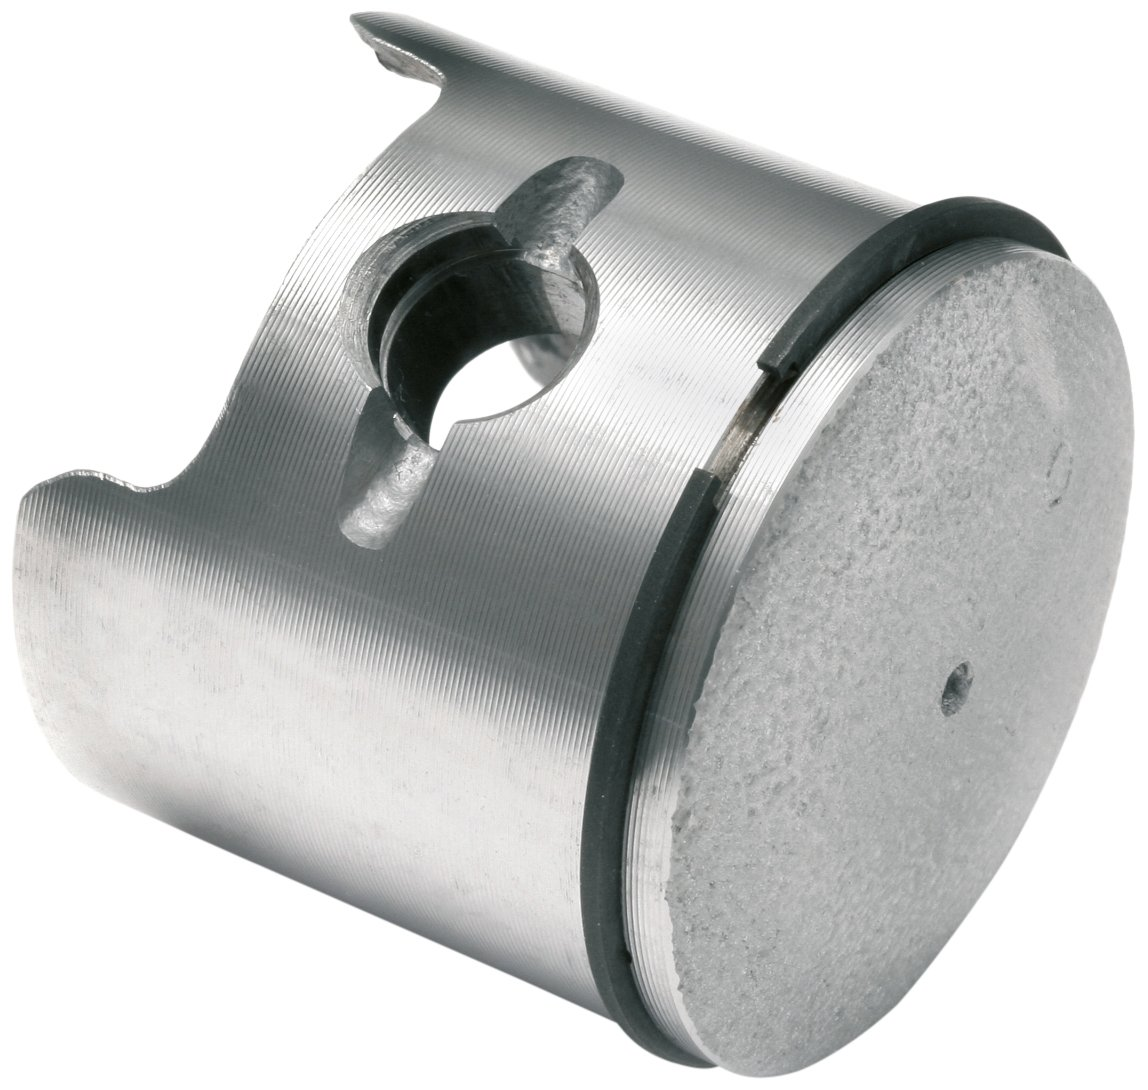 HPI/TT Pistón Set (1 mm Anillo de pistón/23ccm)